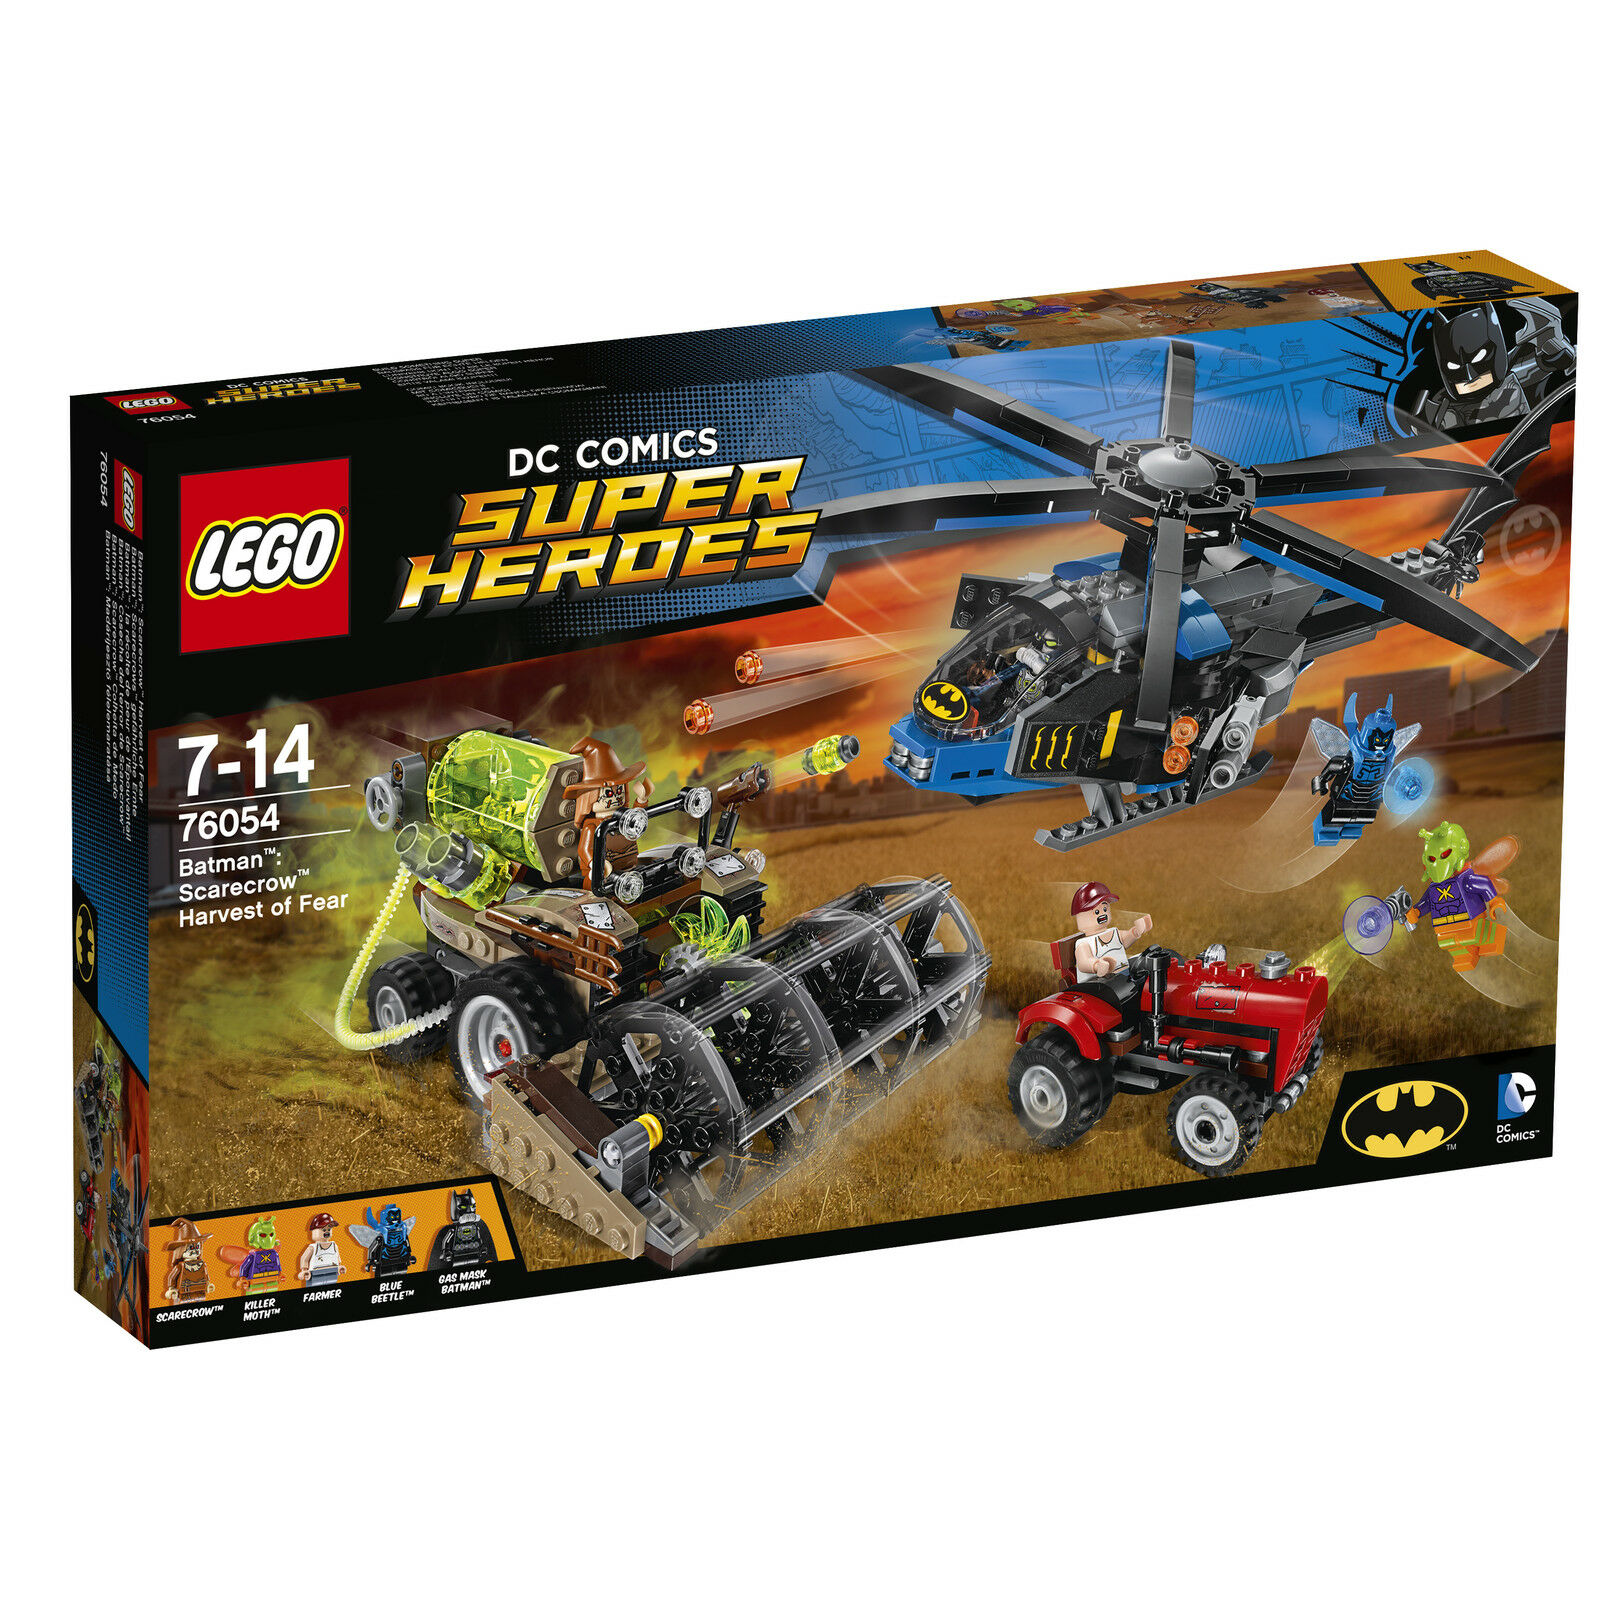 Lego DC Comics súper Heroes Batman SCocheecrow cosecha de miedo (76054) Nuevo Y En Caja